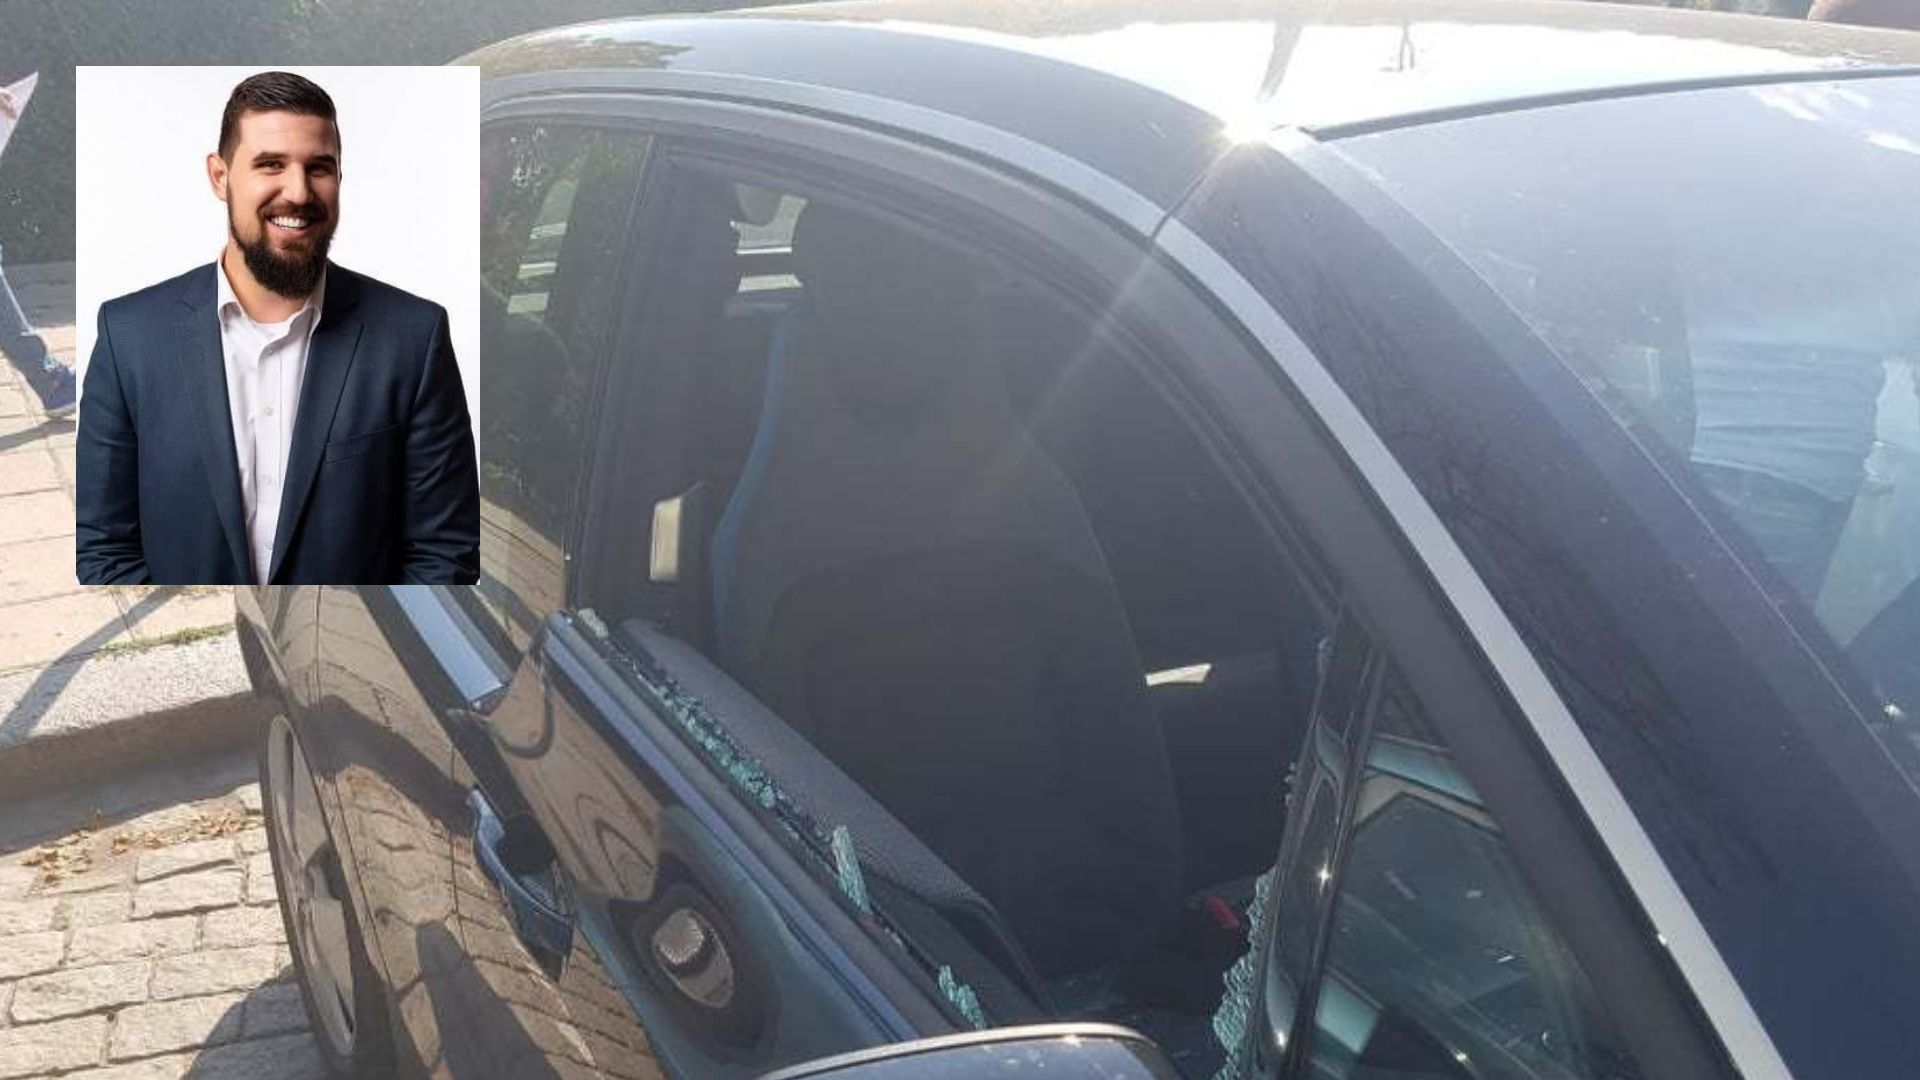 Боян Бакърджиев пред Dir.bg: 15 електромобила са обект на атака, за 2 часа пострадаха 7